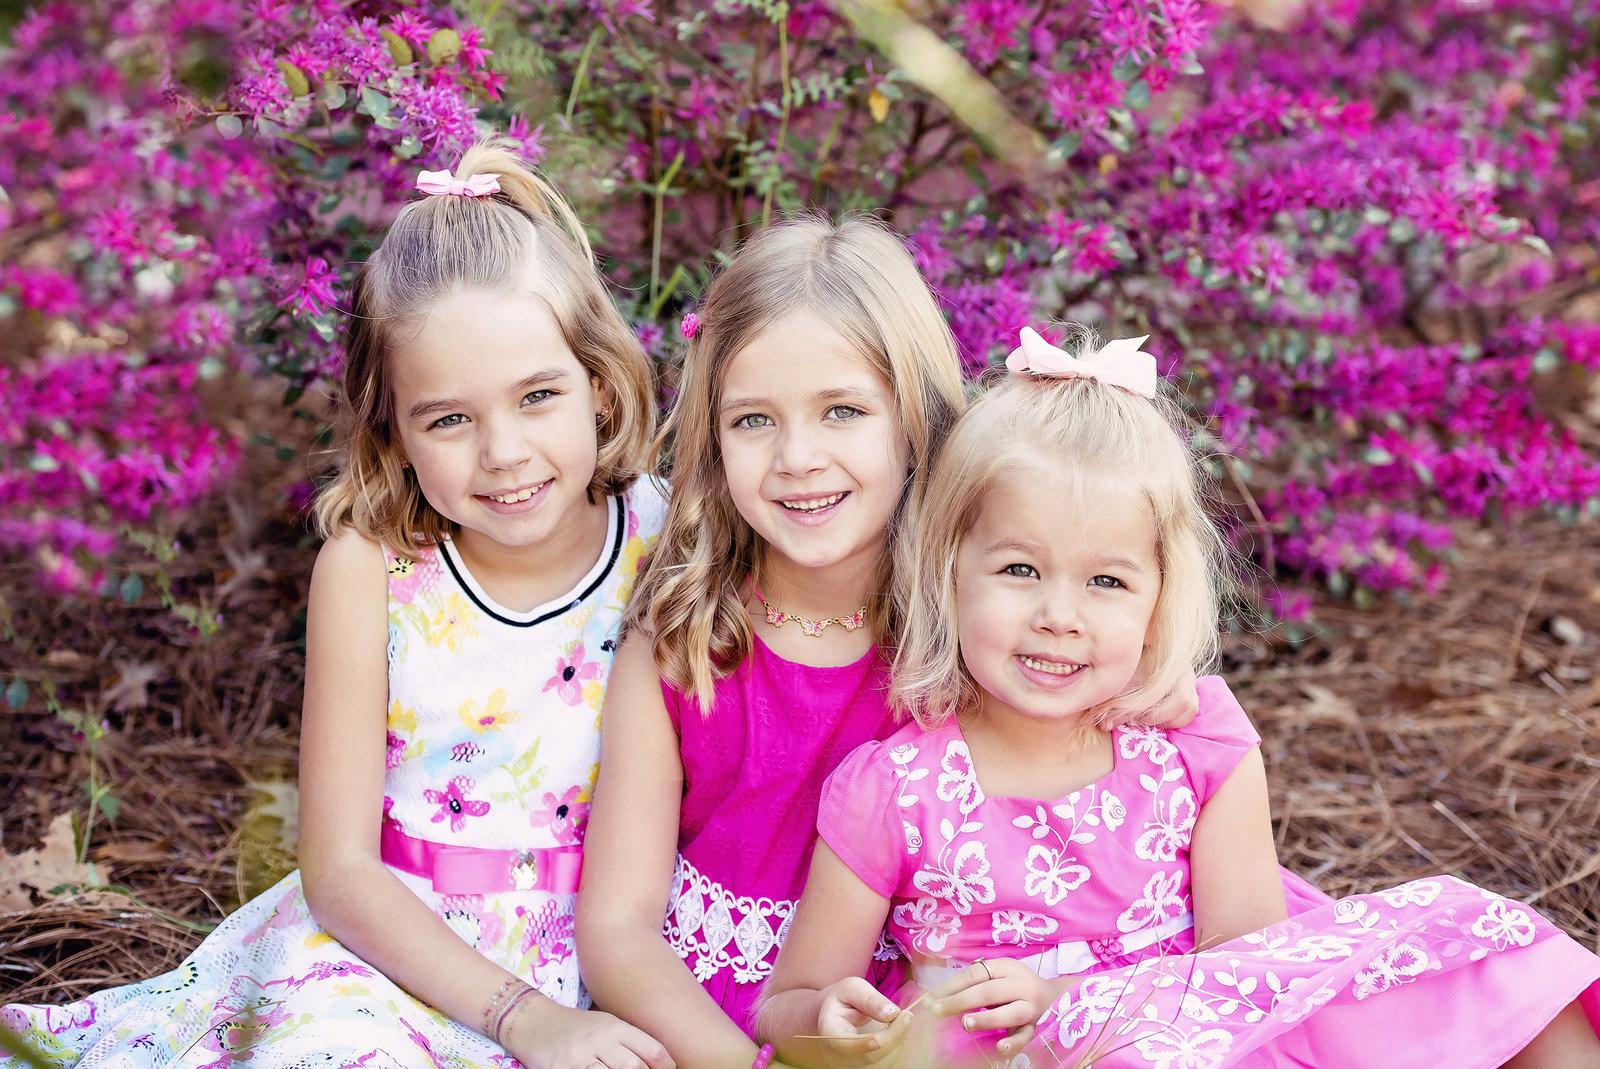 Jennifer spring pictures 78final copy